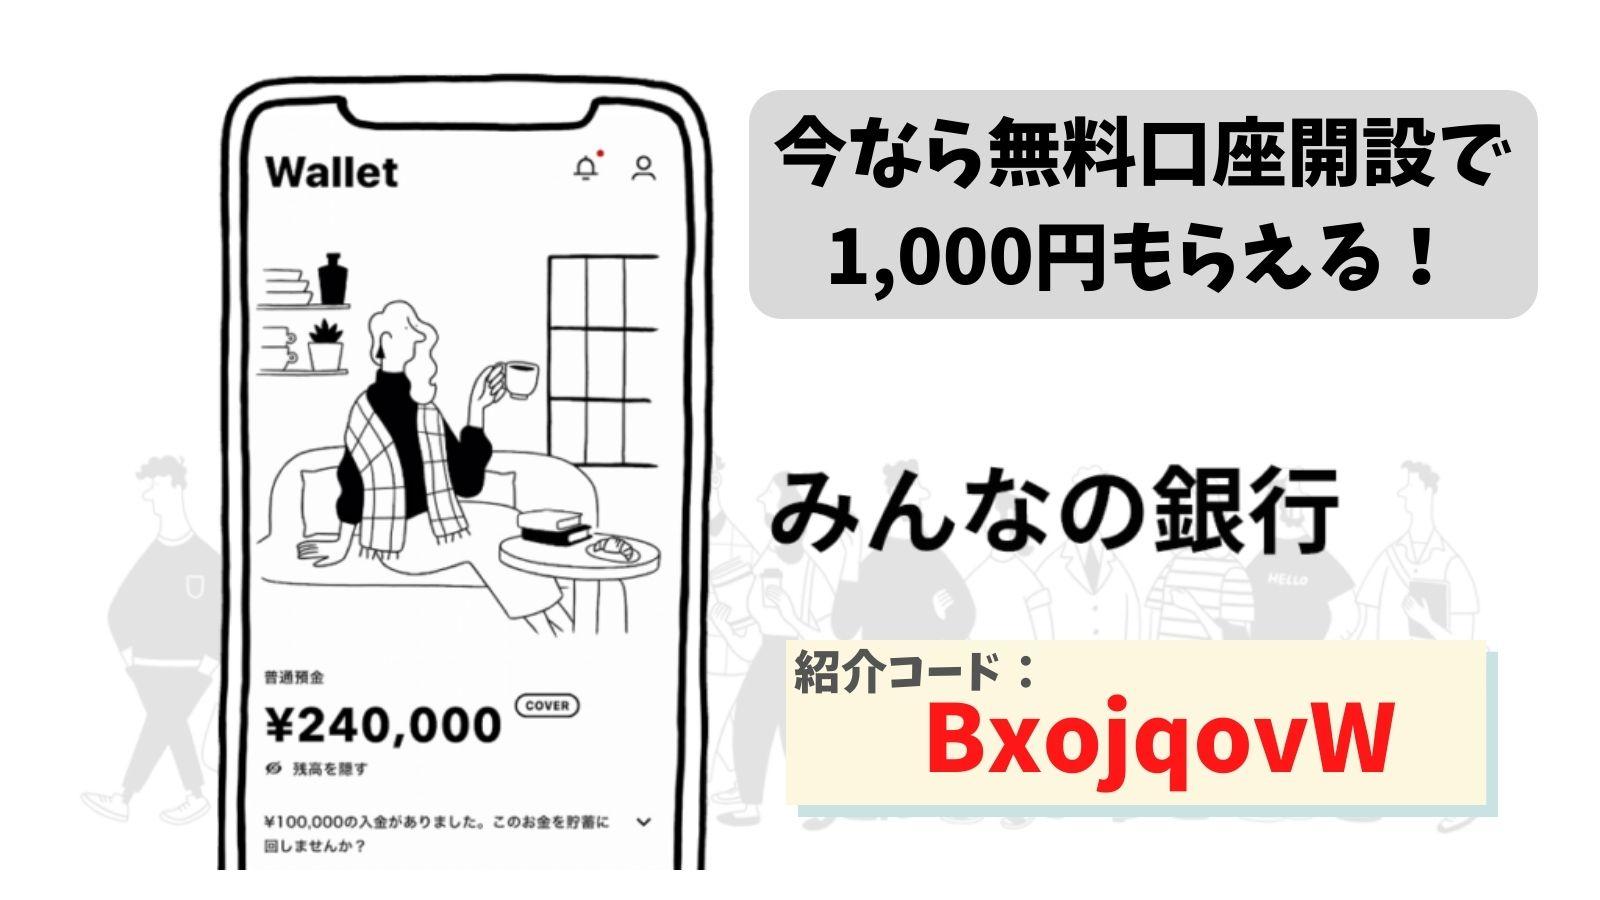 みんなの銀行 紹介コードで1000円もらえる【メリット・デメリットも紹介】